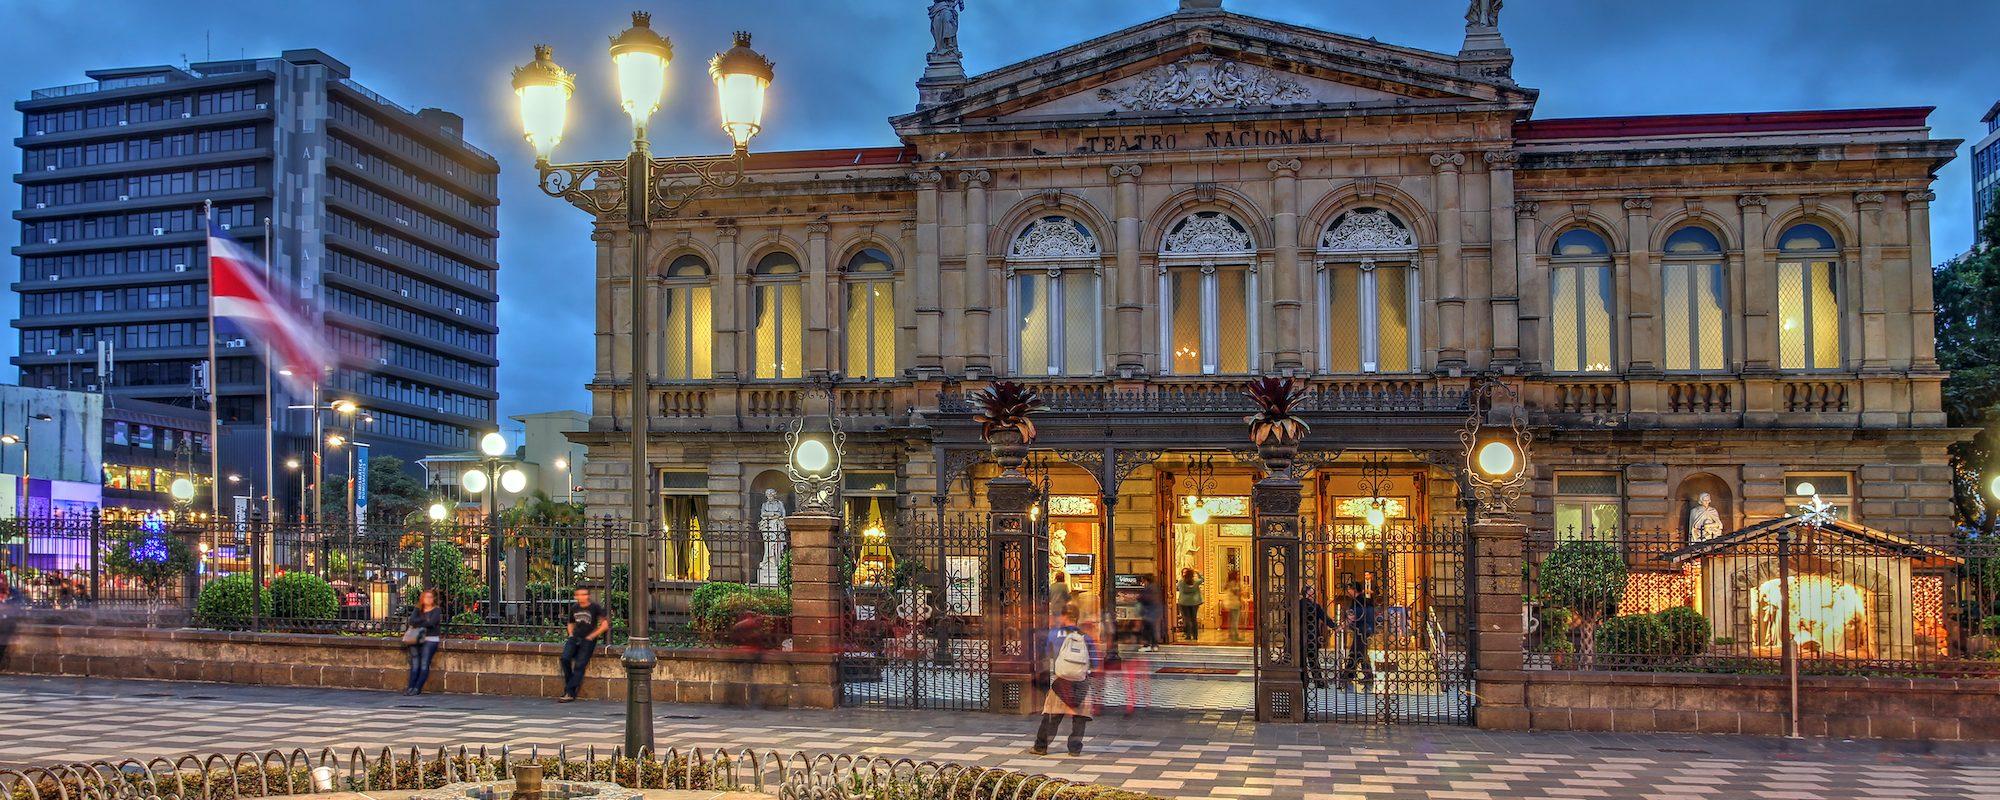 San Jose Costa Rica Design Guide - Rich Historic Architecture